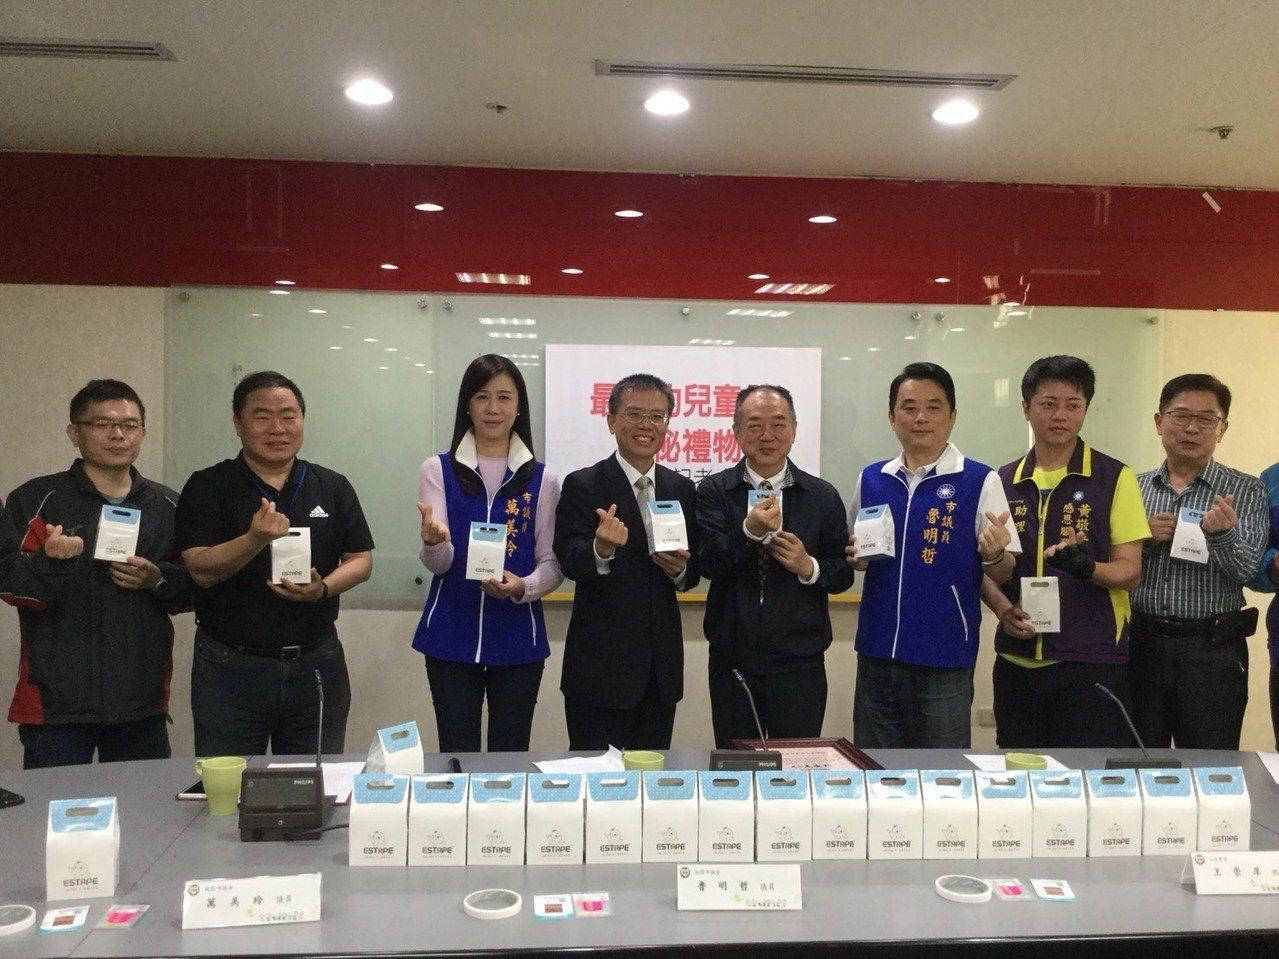 王佳膠帶董事長王崇庠(右4)今天捐贈13萬盒膠帶禮盒。圖/市府提供